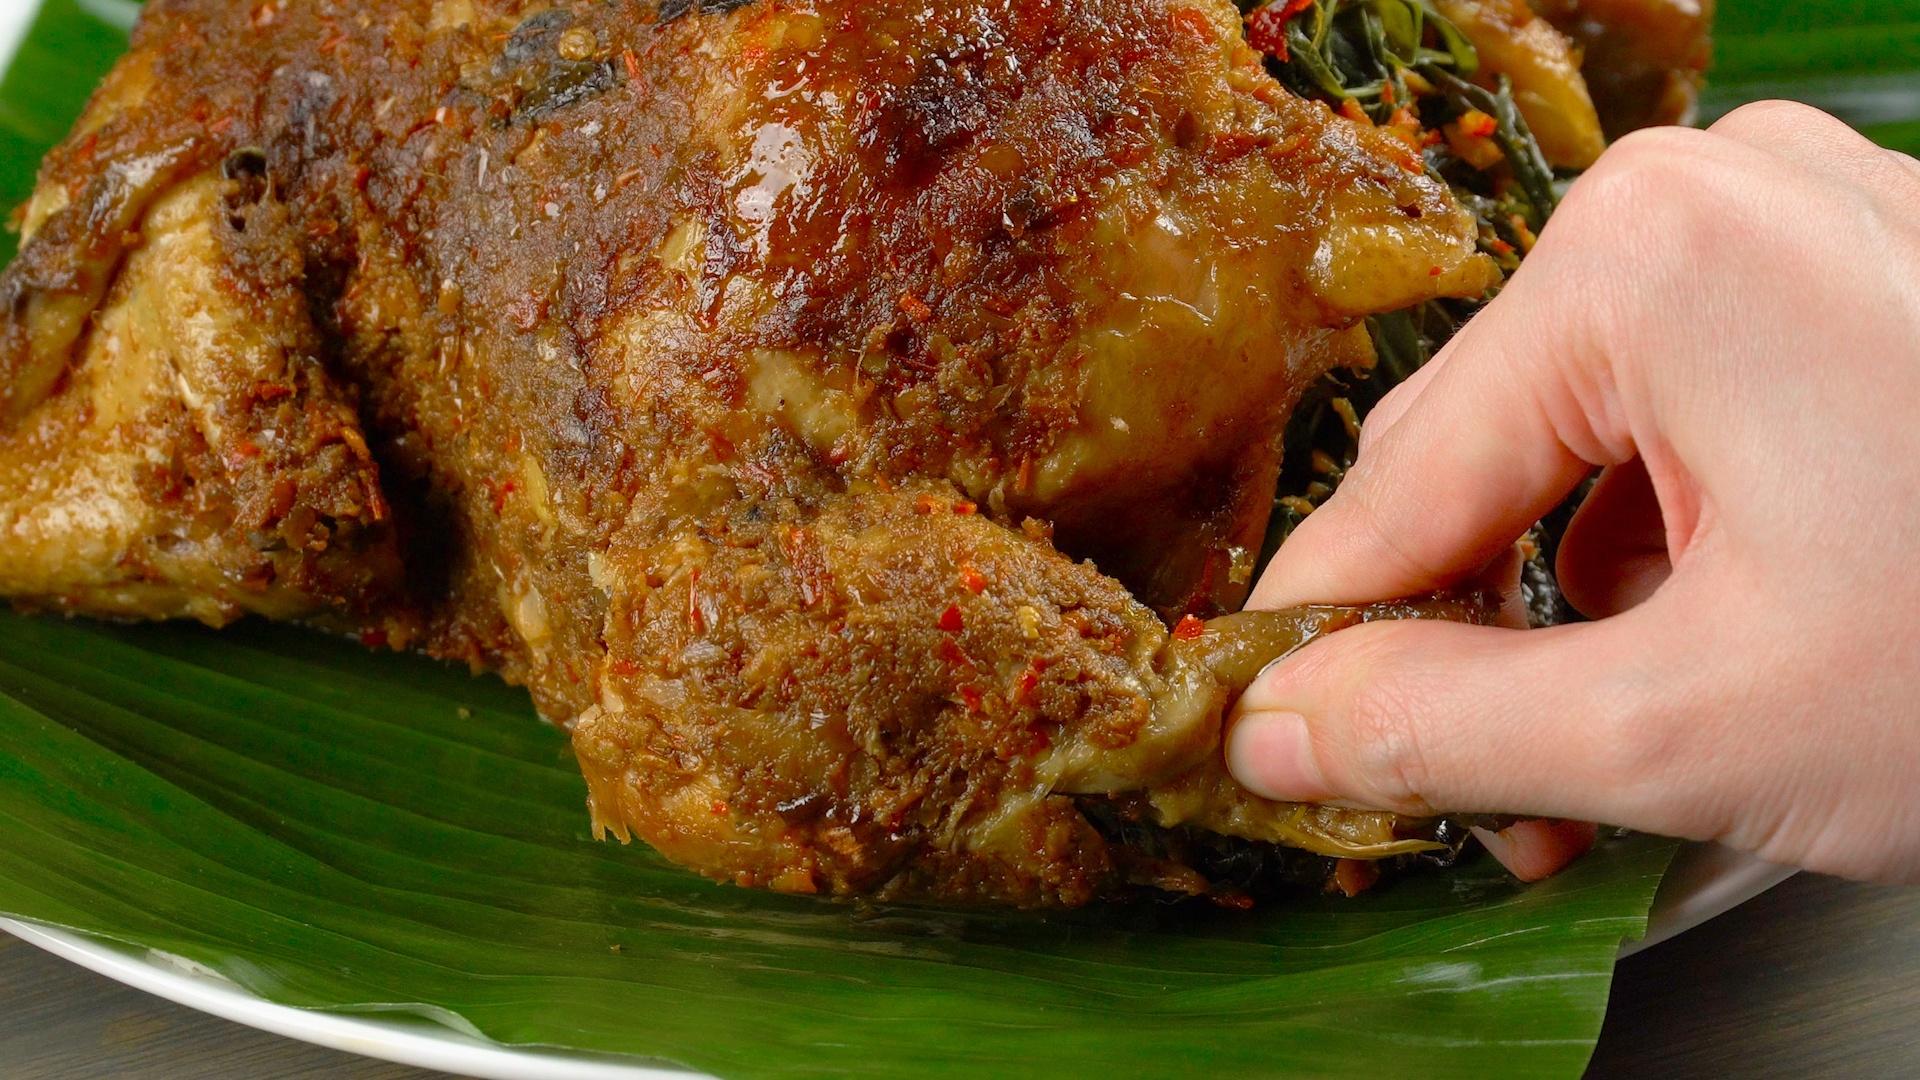 Resep Ayam Betutu Khas Bali Masak Apa Hari Ini